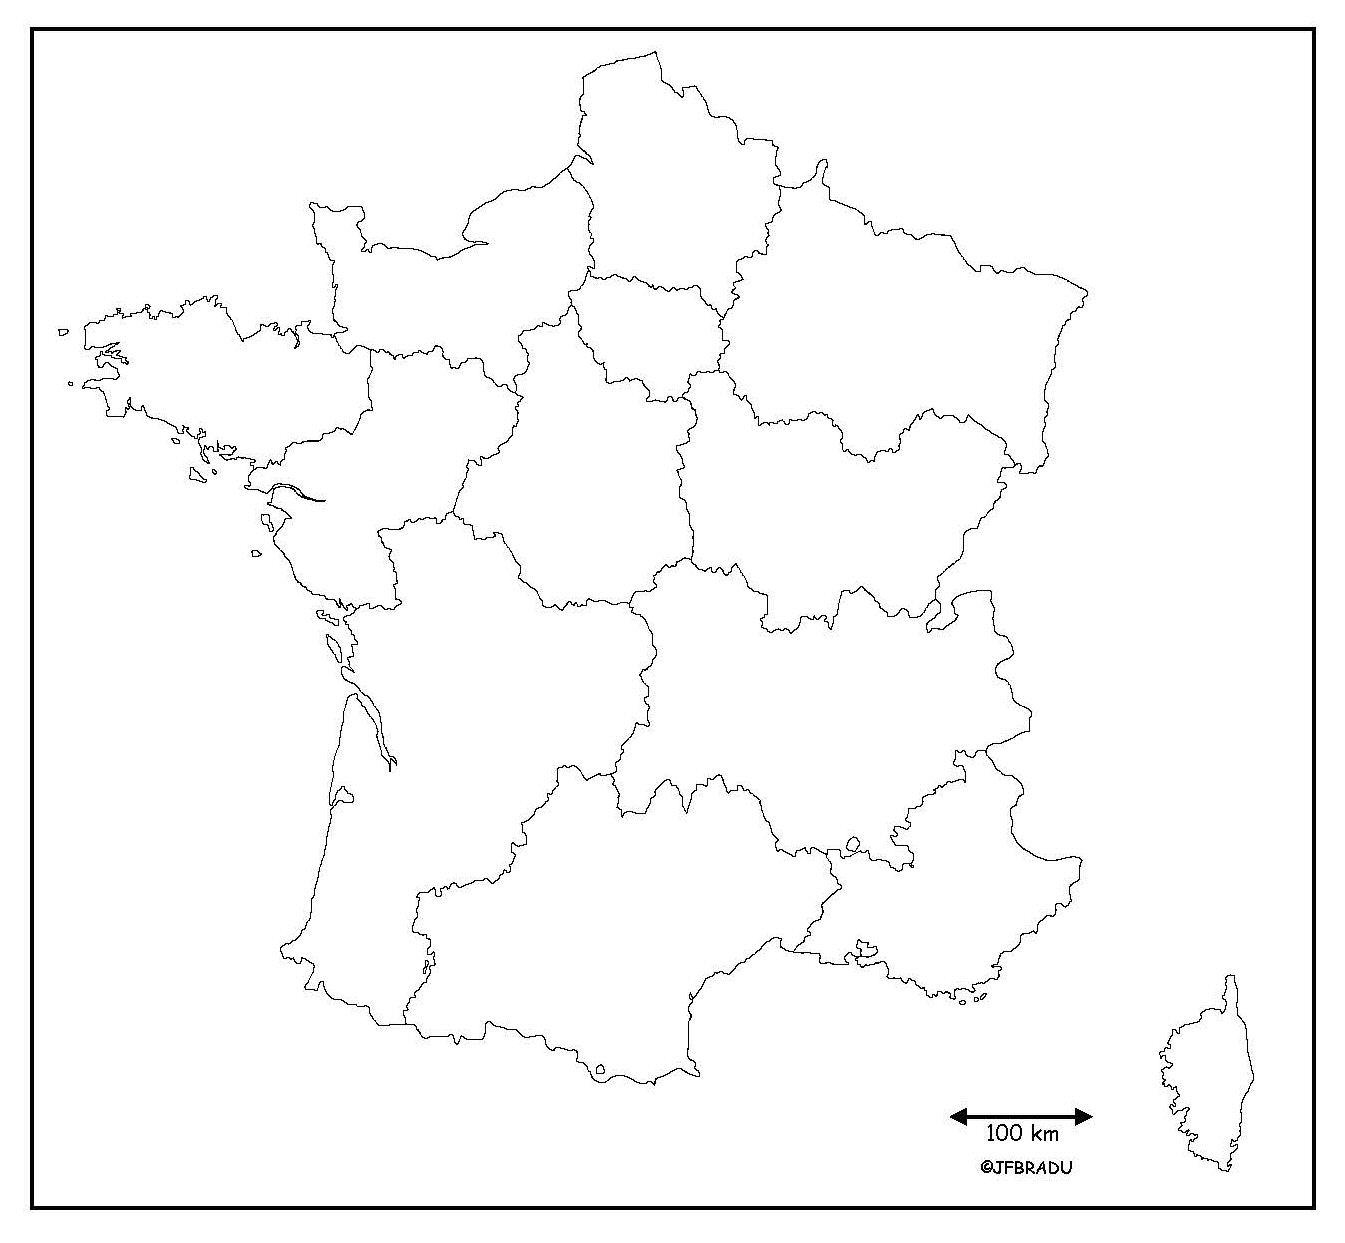 Fonds De Cartes France intérieur Fond De Carte France Fleuves